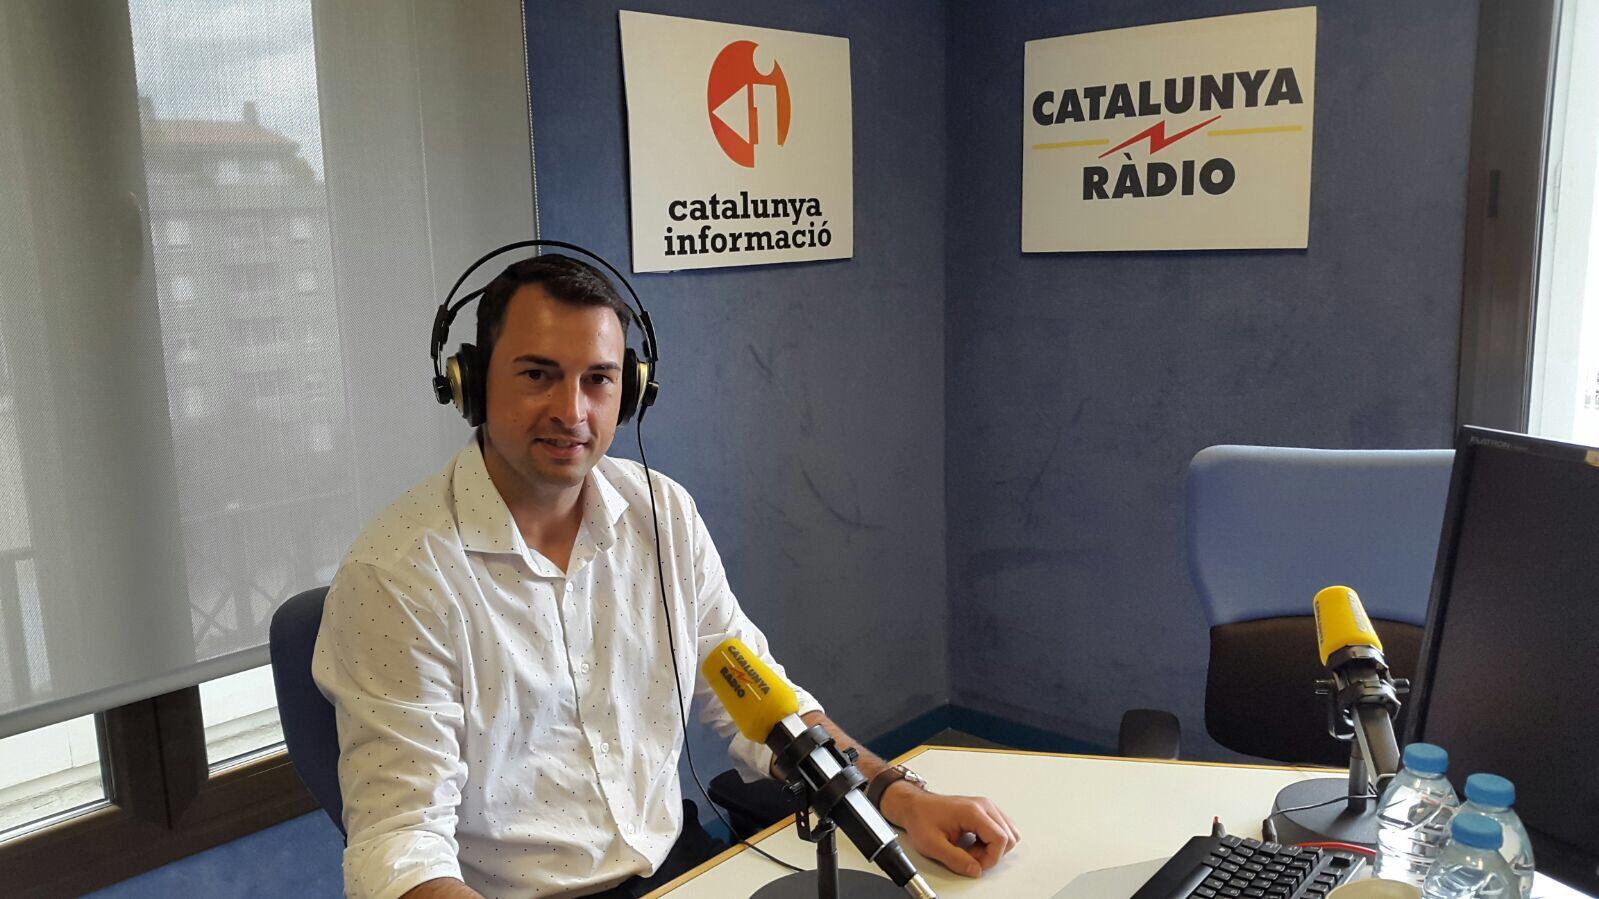 Òscar Garcia Pañella i Adrià Martin intervenen al Programa Popap de Catalunya Ràdio per parlar-nos de la importància dels jocs aplicats a la salut i l'esport